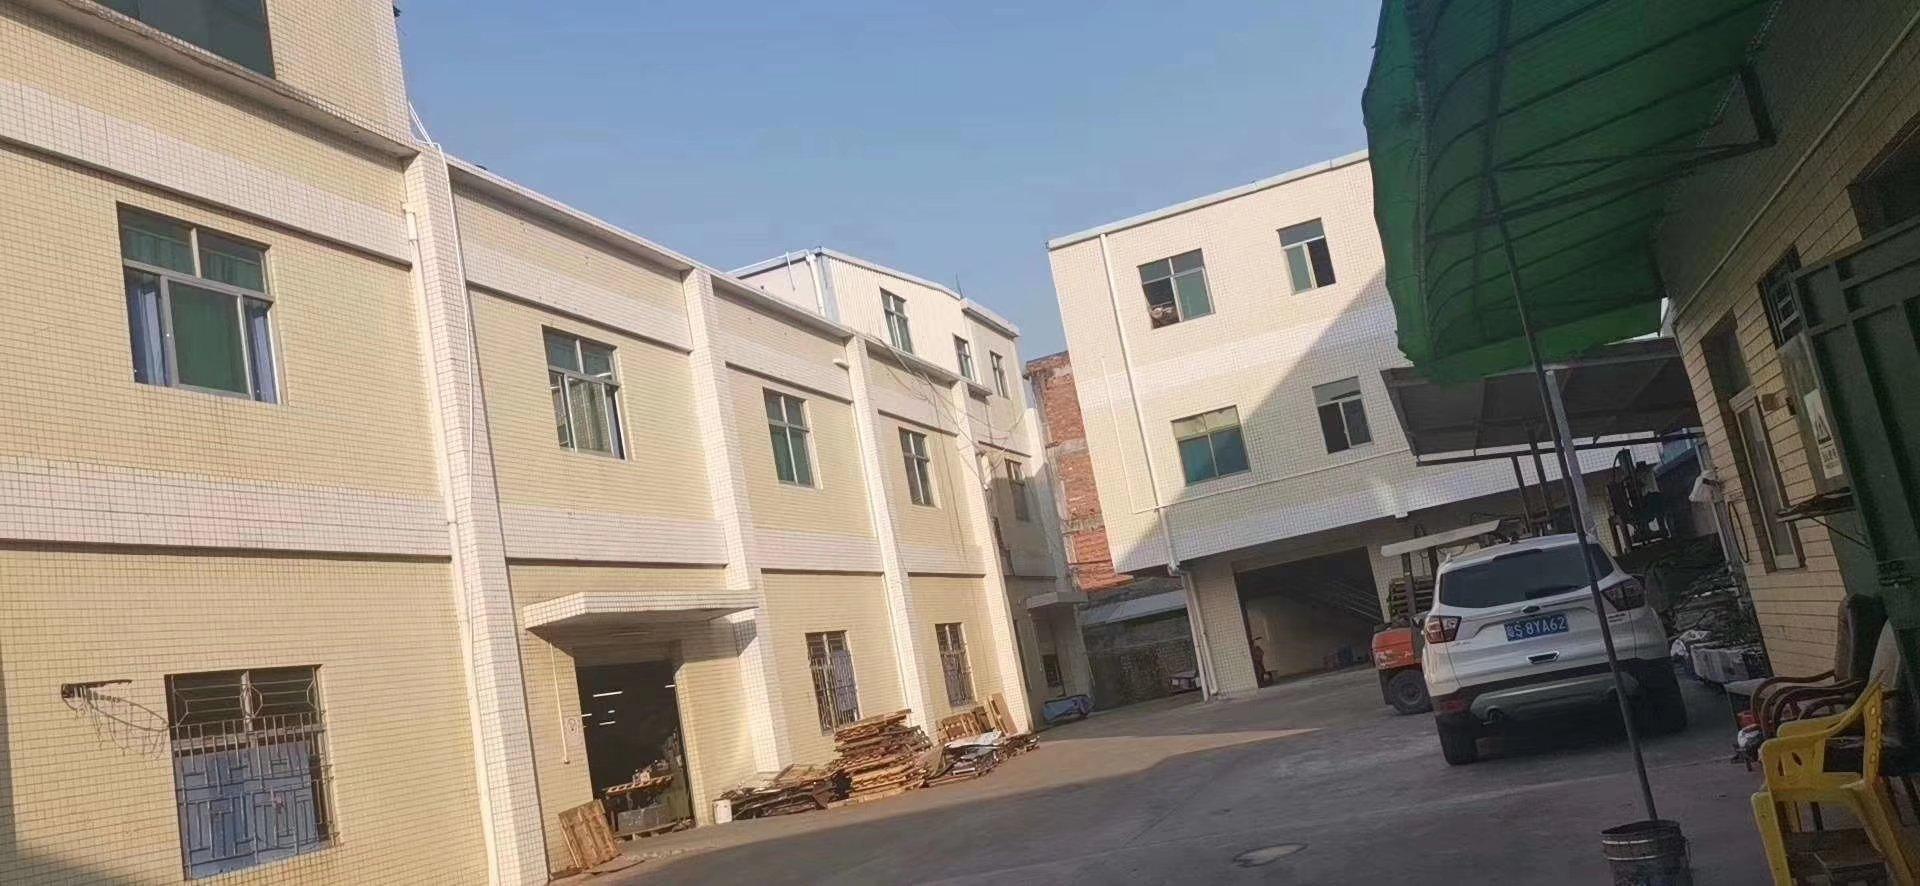 清溪镇集体证占地2000平方米,建筑3200平方米:两层半厂